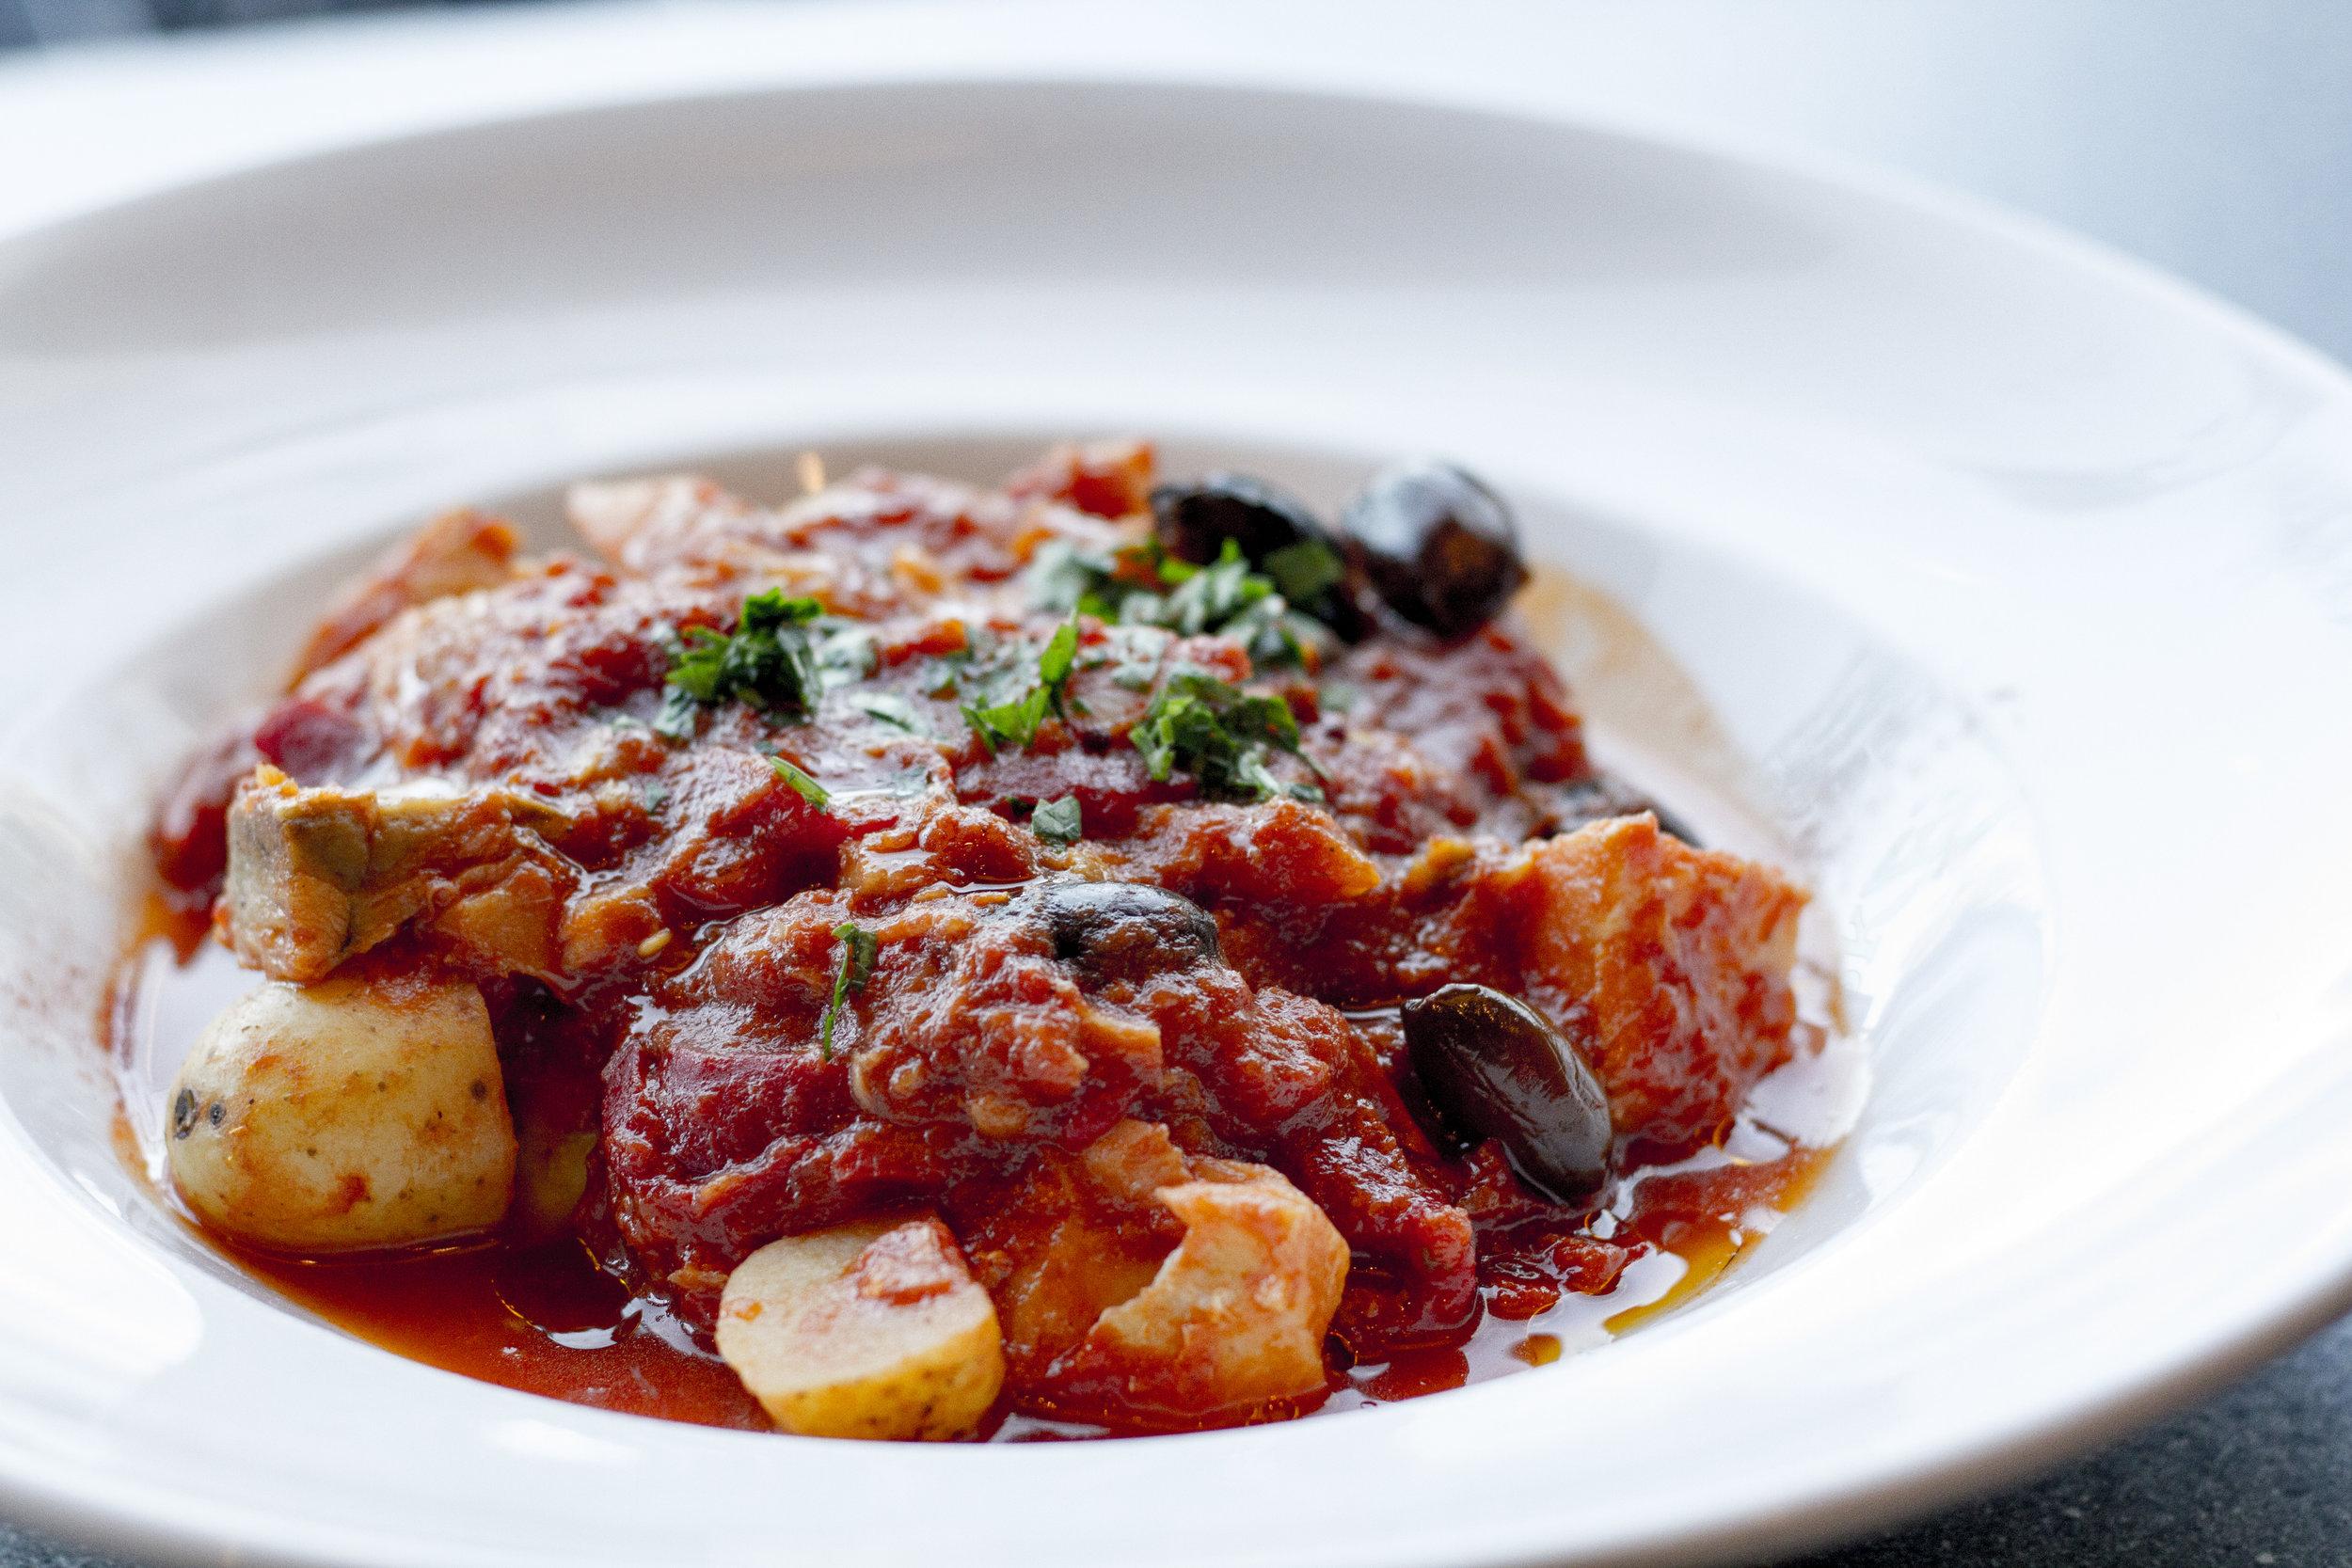 Bacalao - Vår lekre bacalao med røkt chipotle chili, oliven olje, ristede poteter og gulrøtter i en mumsig tomatsaus. Med brød og aioli.Minimum 8 personer. Må varmes opp.205 kr per/person